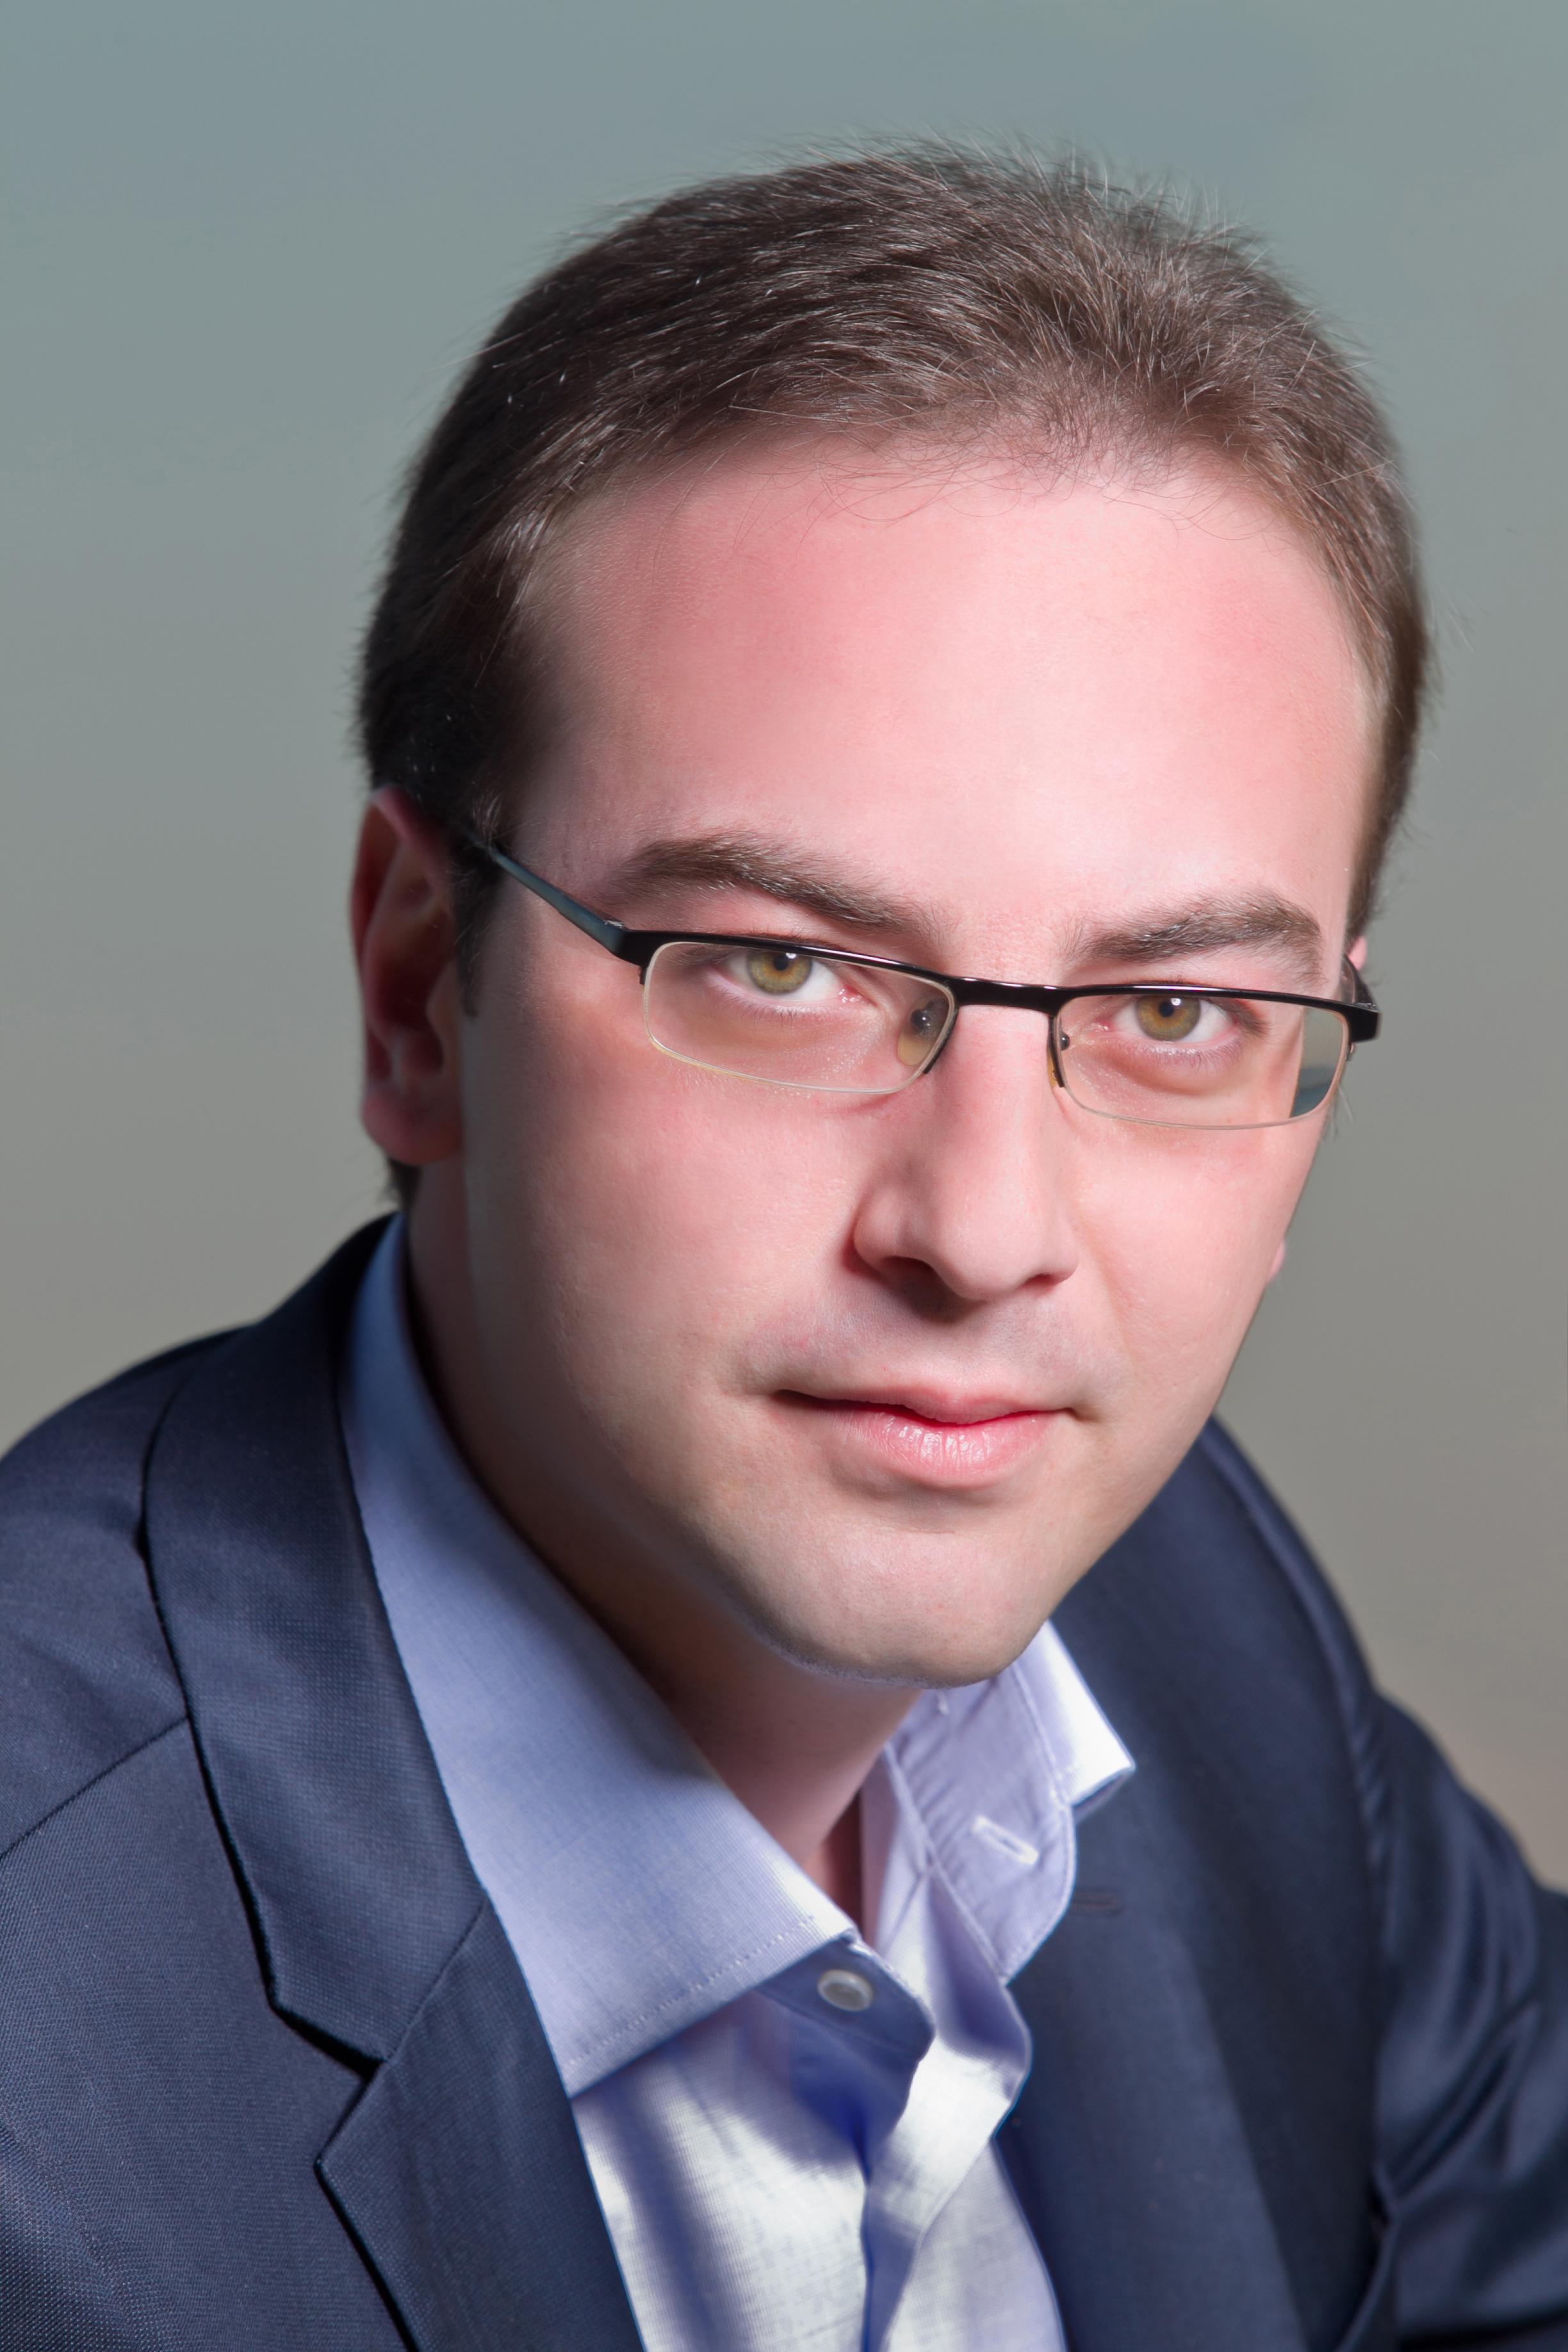 Β. Τσίρκας: Ερώτηση στη Βουλή σχετικά με το ρόλο των Κ.Ε.Κ. στα προγράμματα καταπολέμησης της ανεργίας